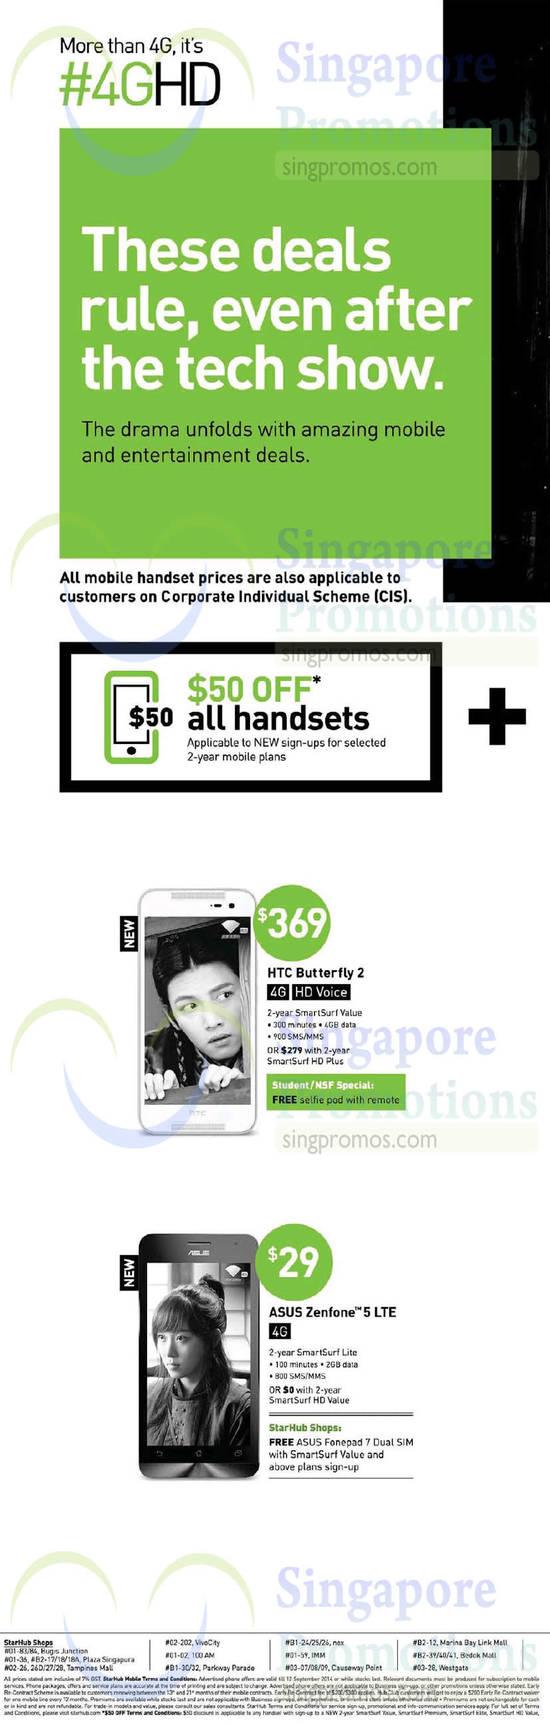 HTC Butterfly 2, Asus Zenfone 5